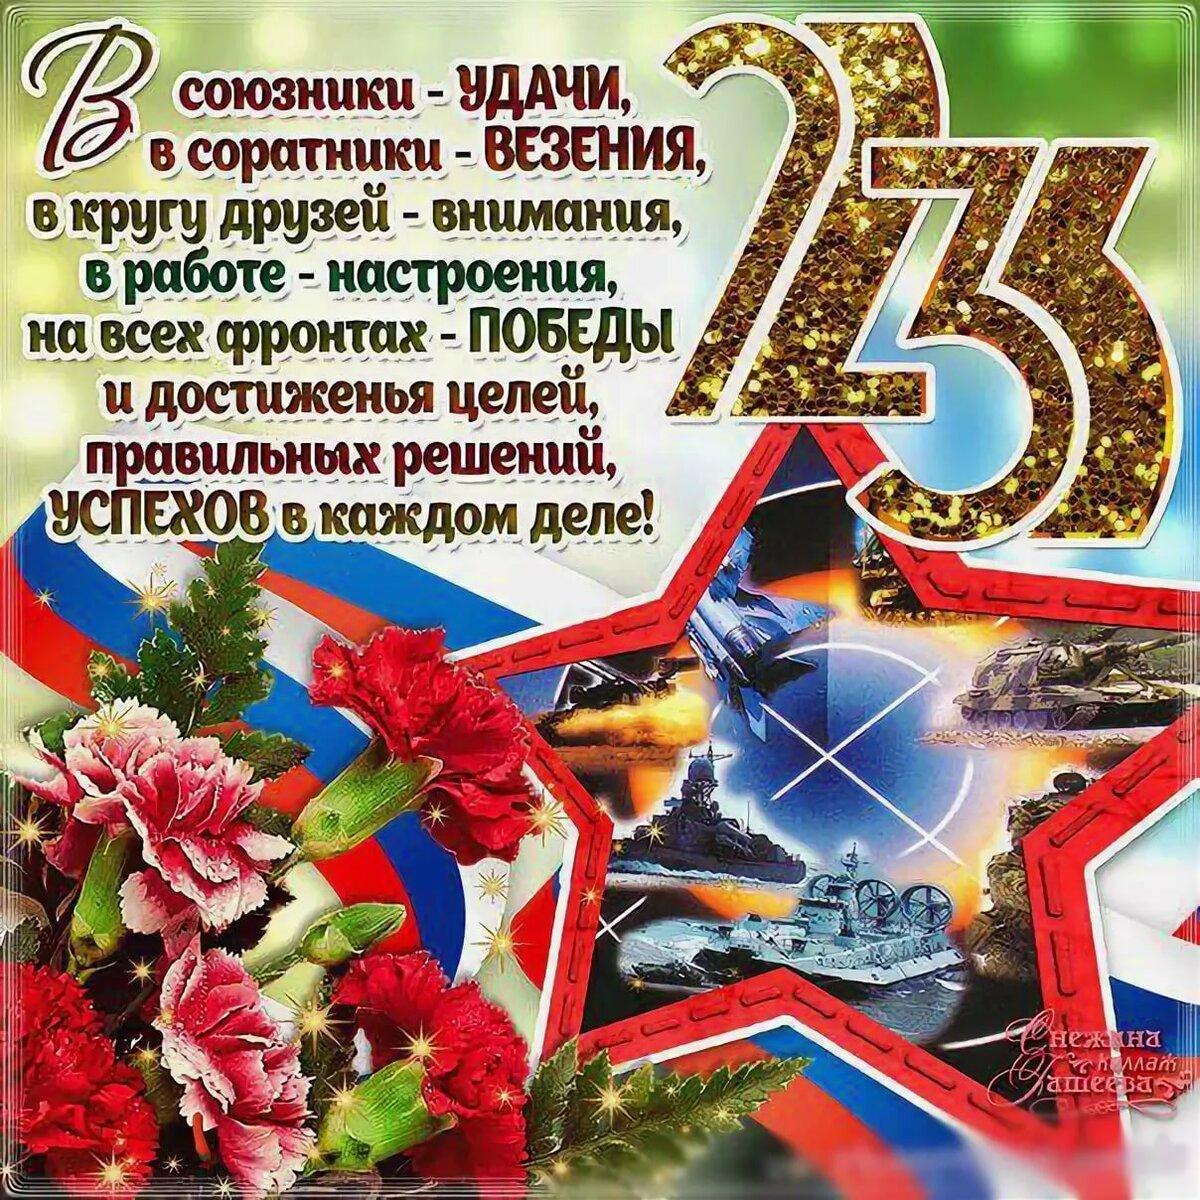 Поздравления на открытку с 23 февраля для мужчин